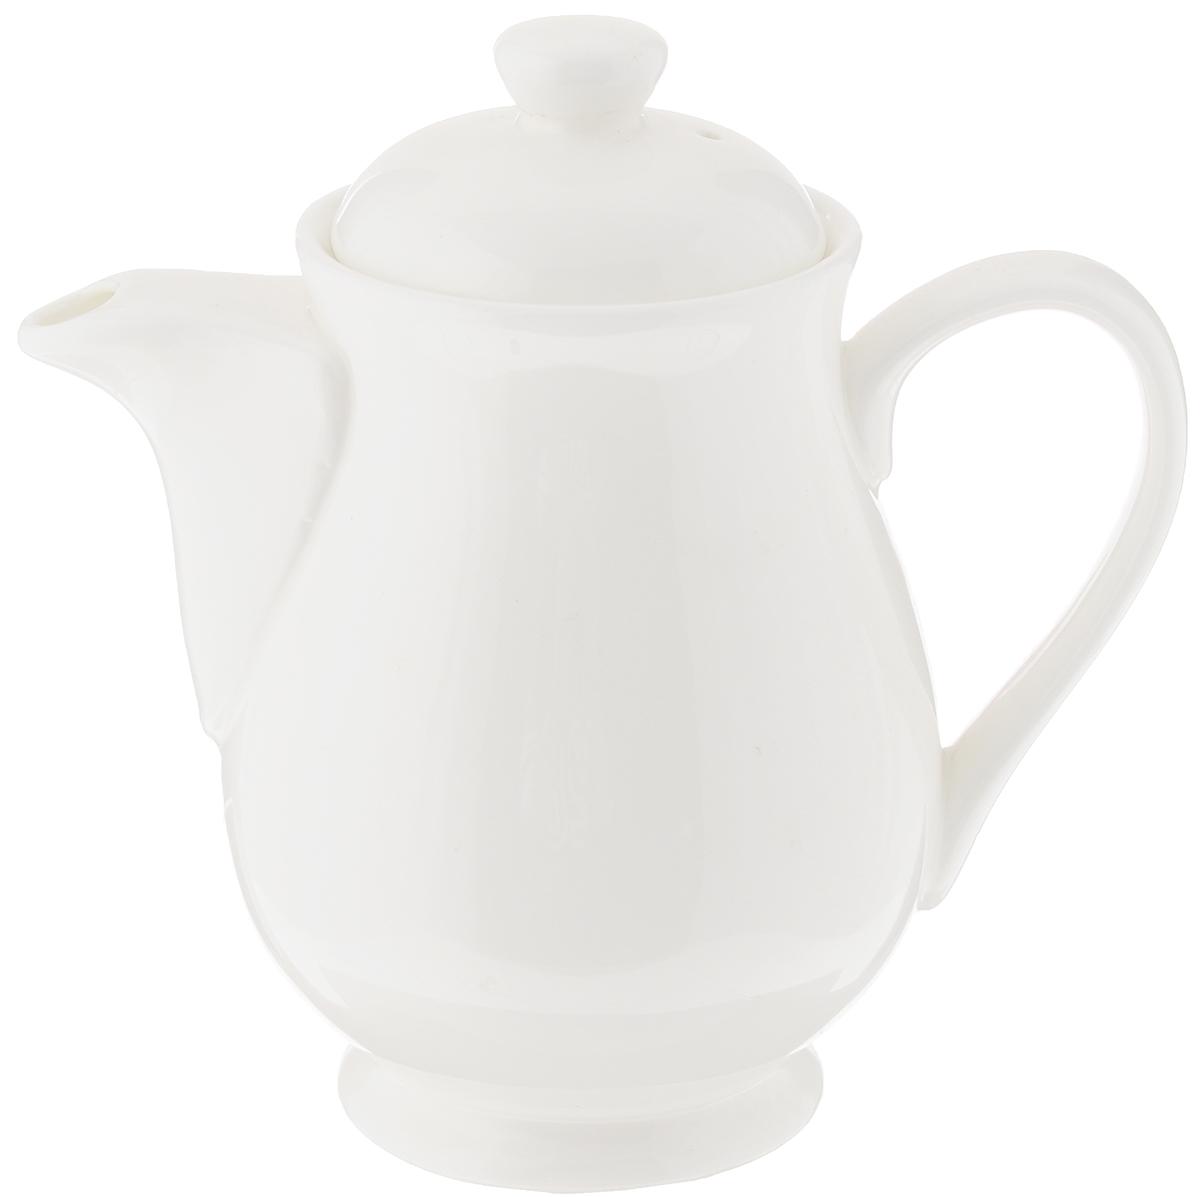 Чайник заварочный Wilmax Fine Porcelain, 450 млVT-1520(SR)Заварочный чайник Wilmax изготовлен из высококачественного фарфора. Глазурованное покрытие обеспечивает легкую очистку. Изделие прекрасно подходит для заваривания вкусного и ароматного чая, а также травяных настоев. Ситечко в основании носика препятствует попаданию чаинок в чашку. Оригинальный дизайн сделает чайник настоящим украшением стола. Он удобен в использовании и понравится каждому.Можно мыть в посудомоечной машине и использовать в микроволновой печи. Диаметр чайника (по верхнему краю): 7 см. Высота чайника (без учета крышки): 12 см.